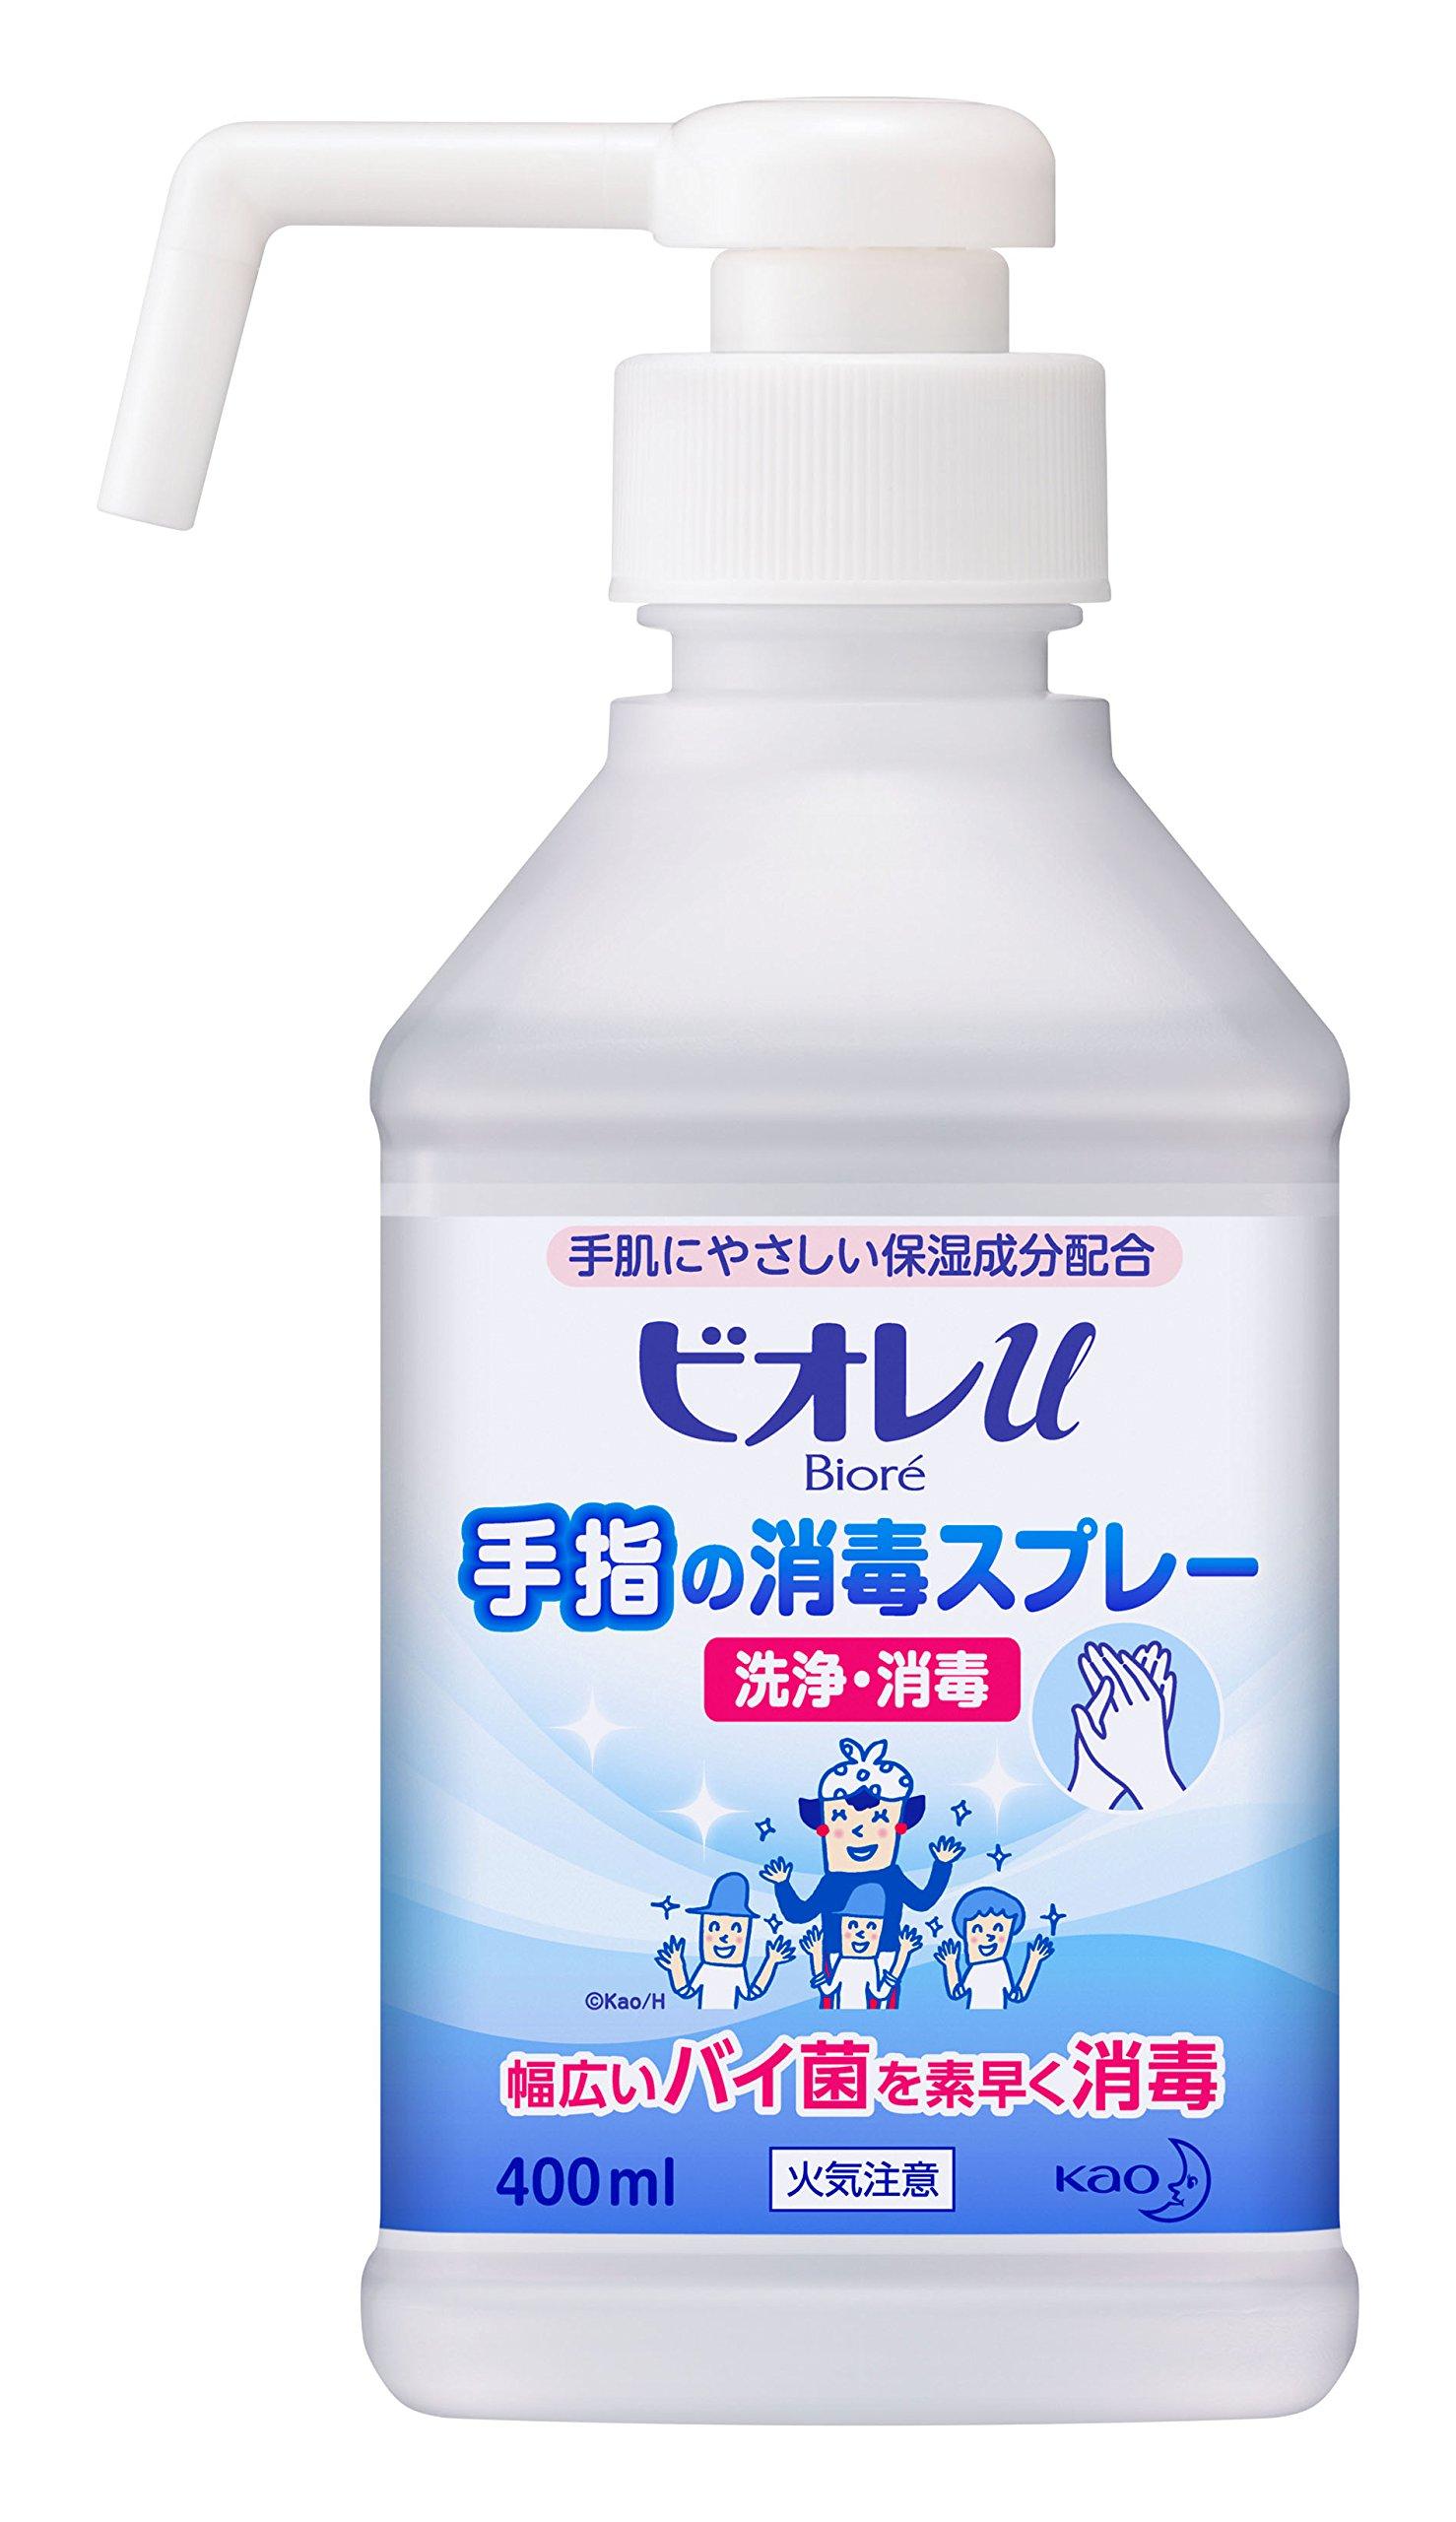 ビオレu手指の消毒スプレースキットガード置き型本体【HTRC3】